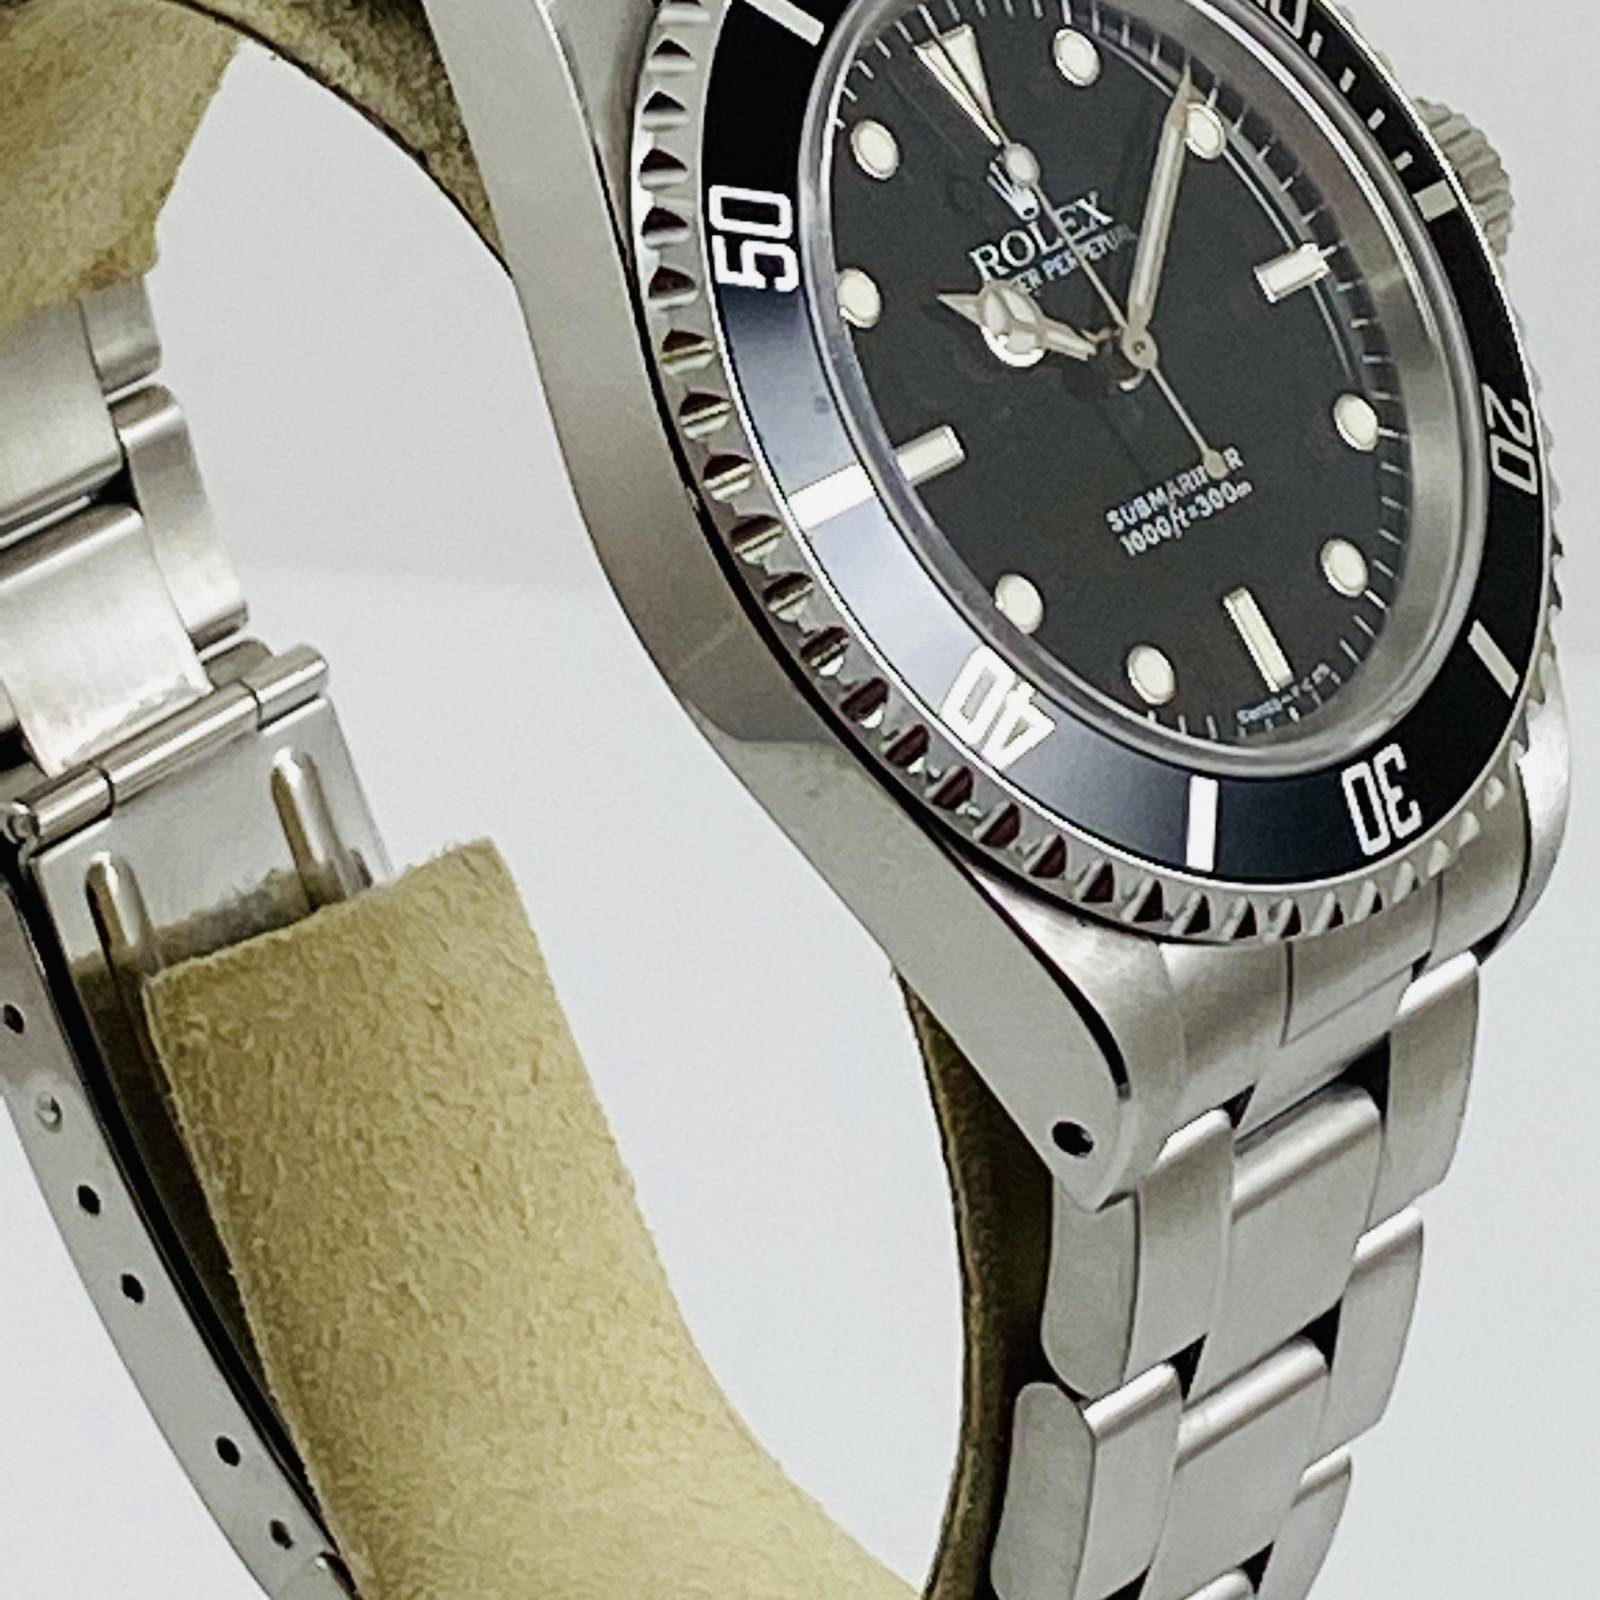 Rolex Submariner No Date Ref 14060